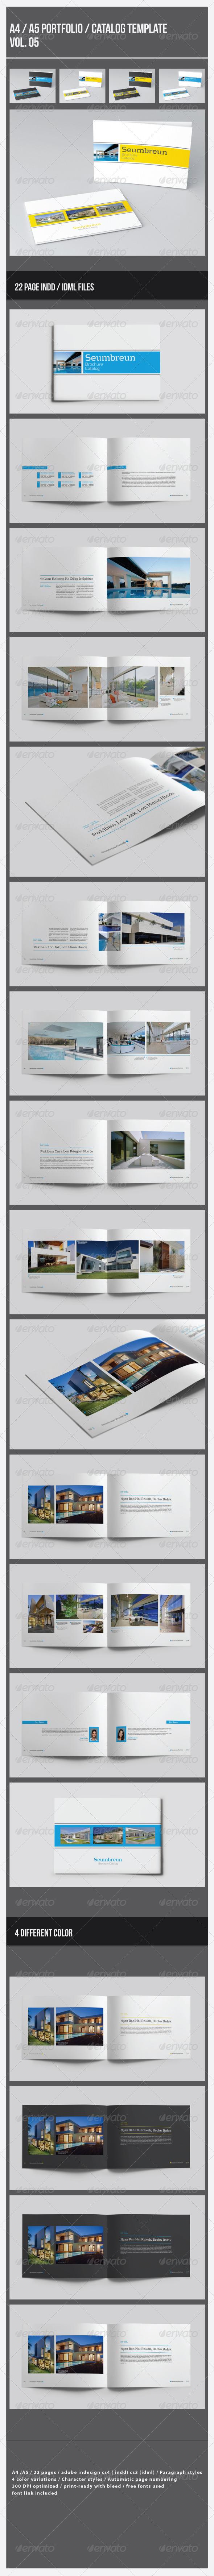 GraphicRiver A4 A5 Portfolio Catalog Template Vol.5 7902925